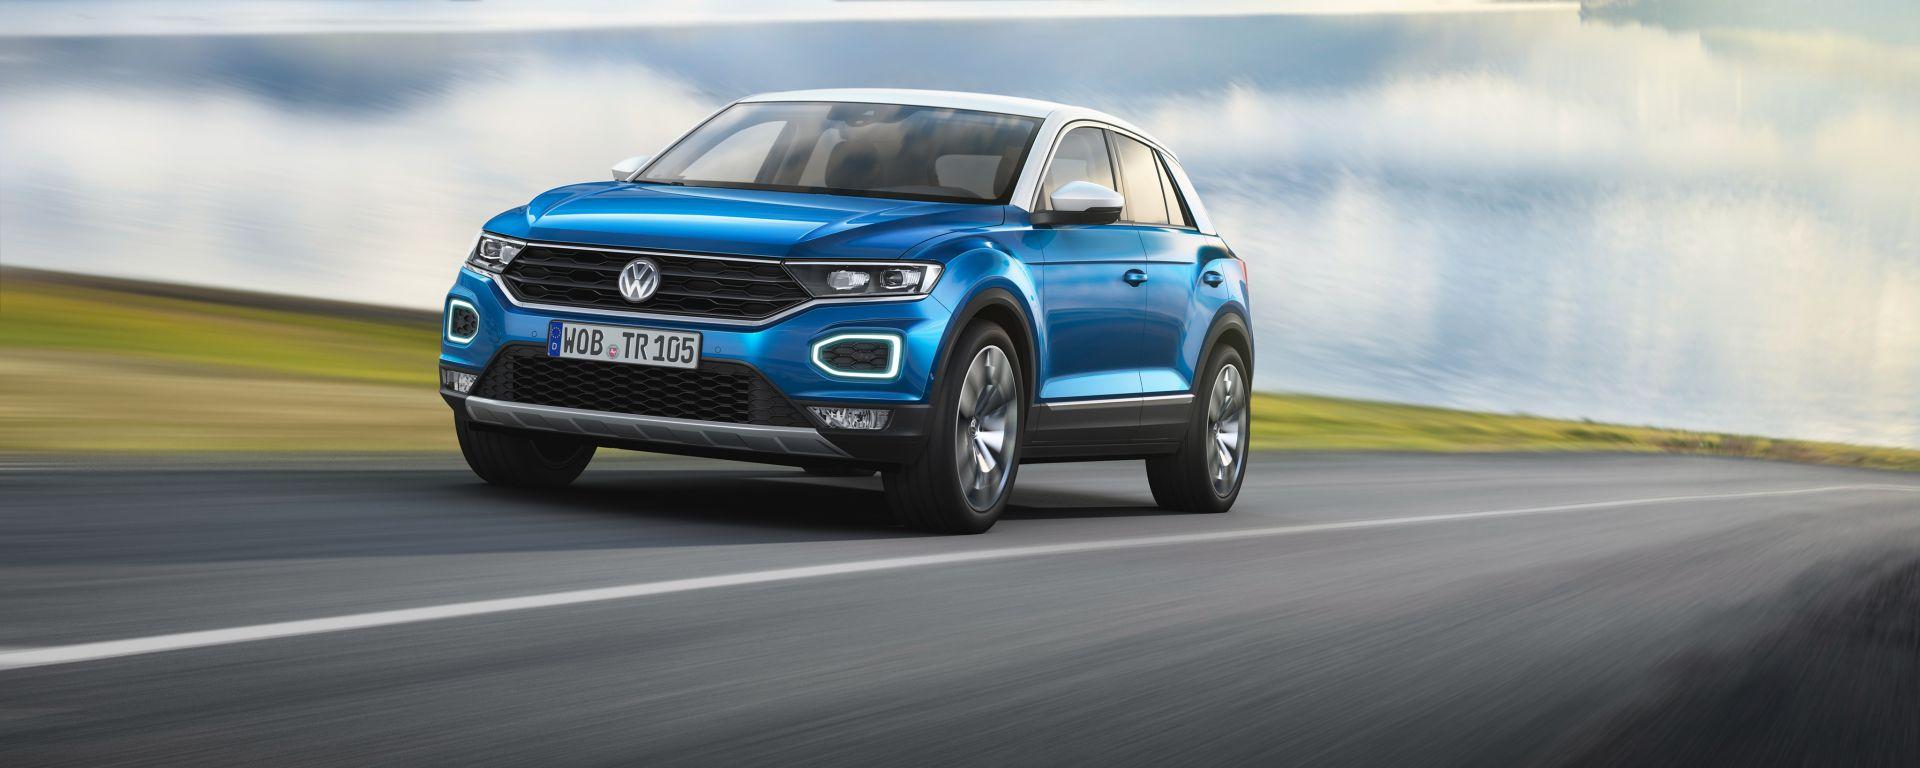 Volkswagen T-Roc: la 1.0 TSI Style è la più cercata sul web